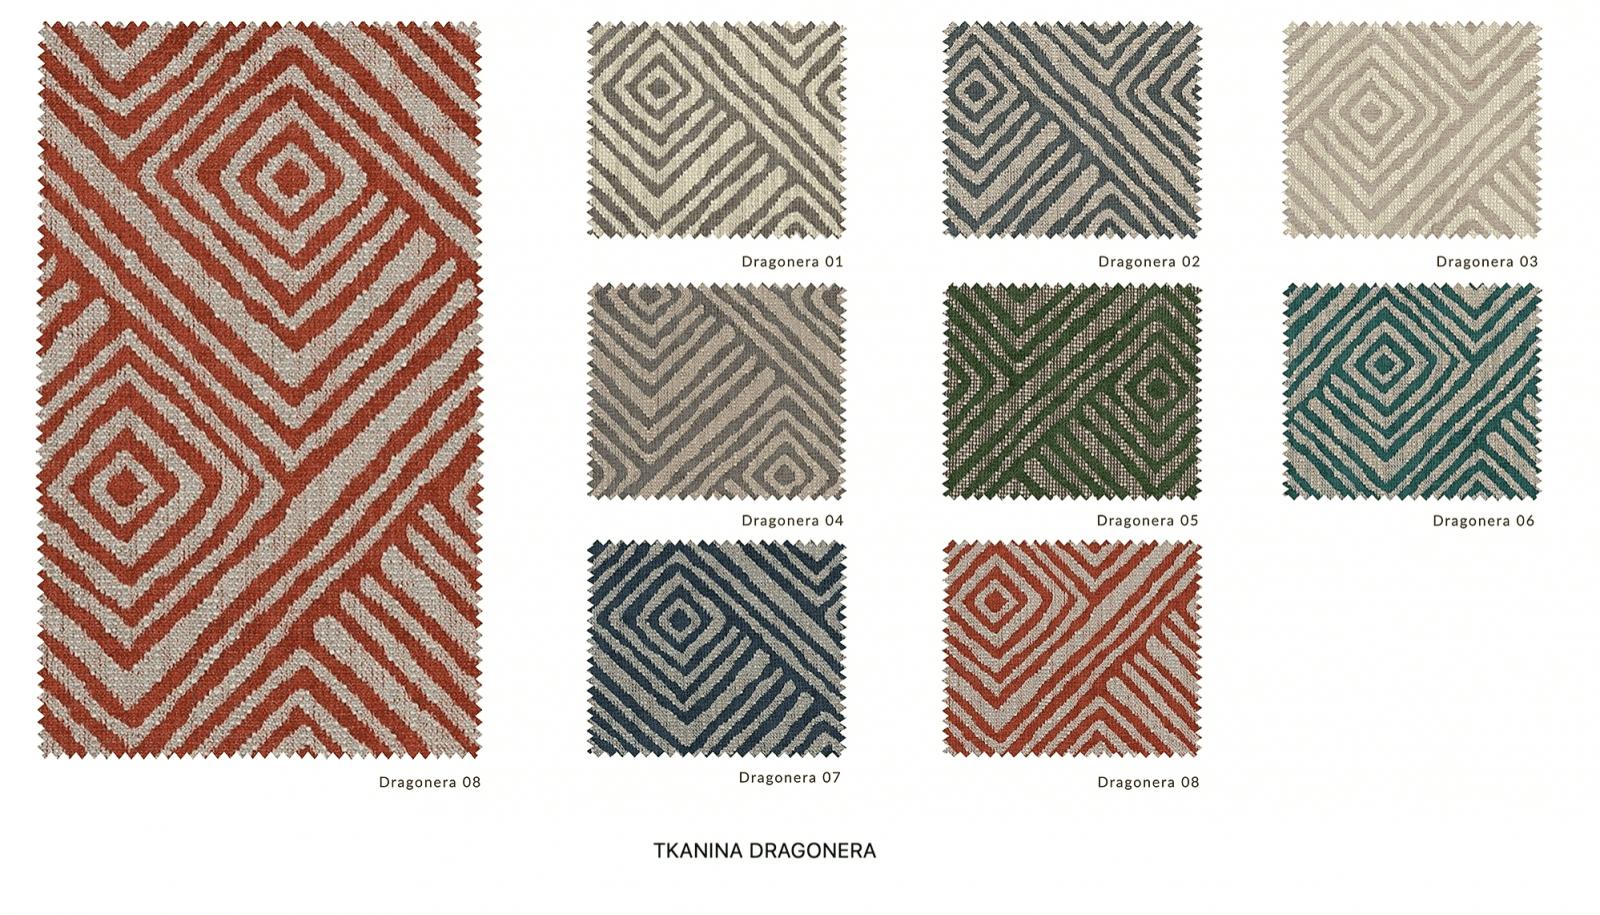 wzornik tkanin dragonera